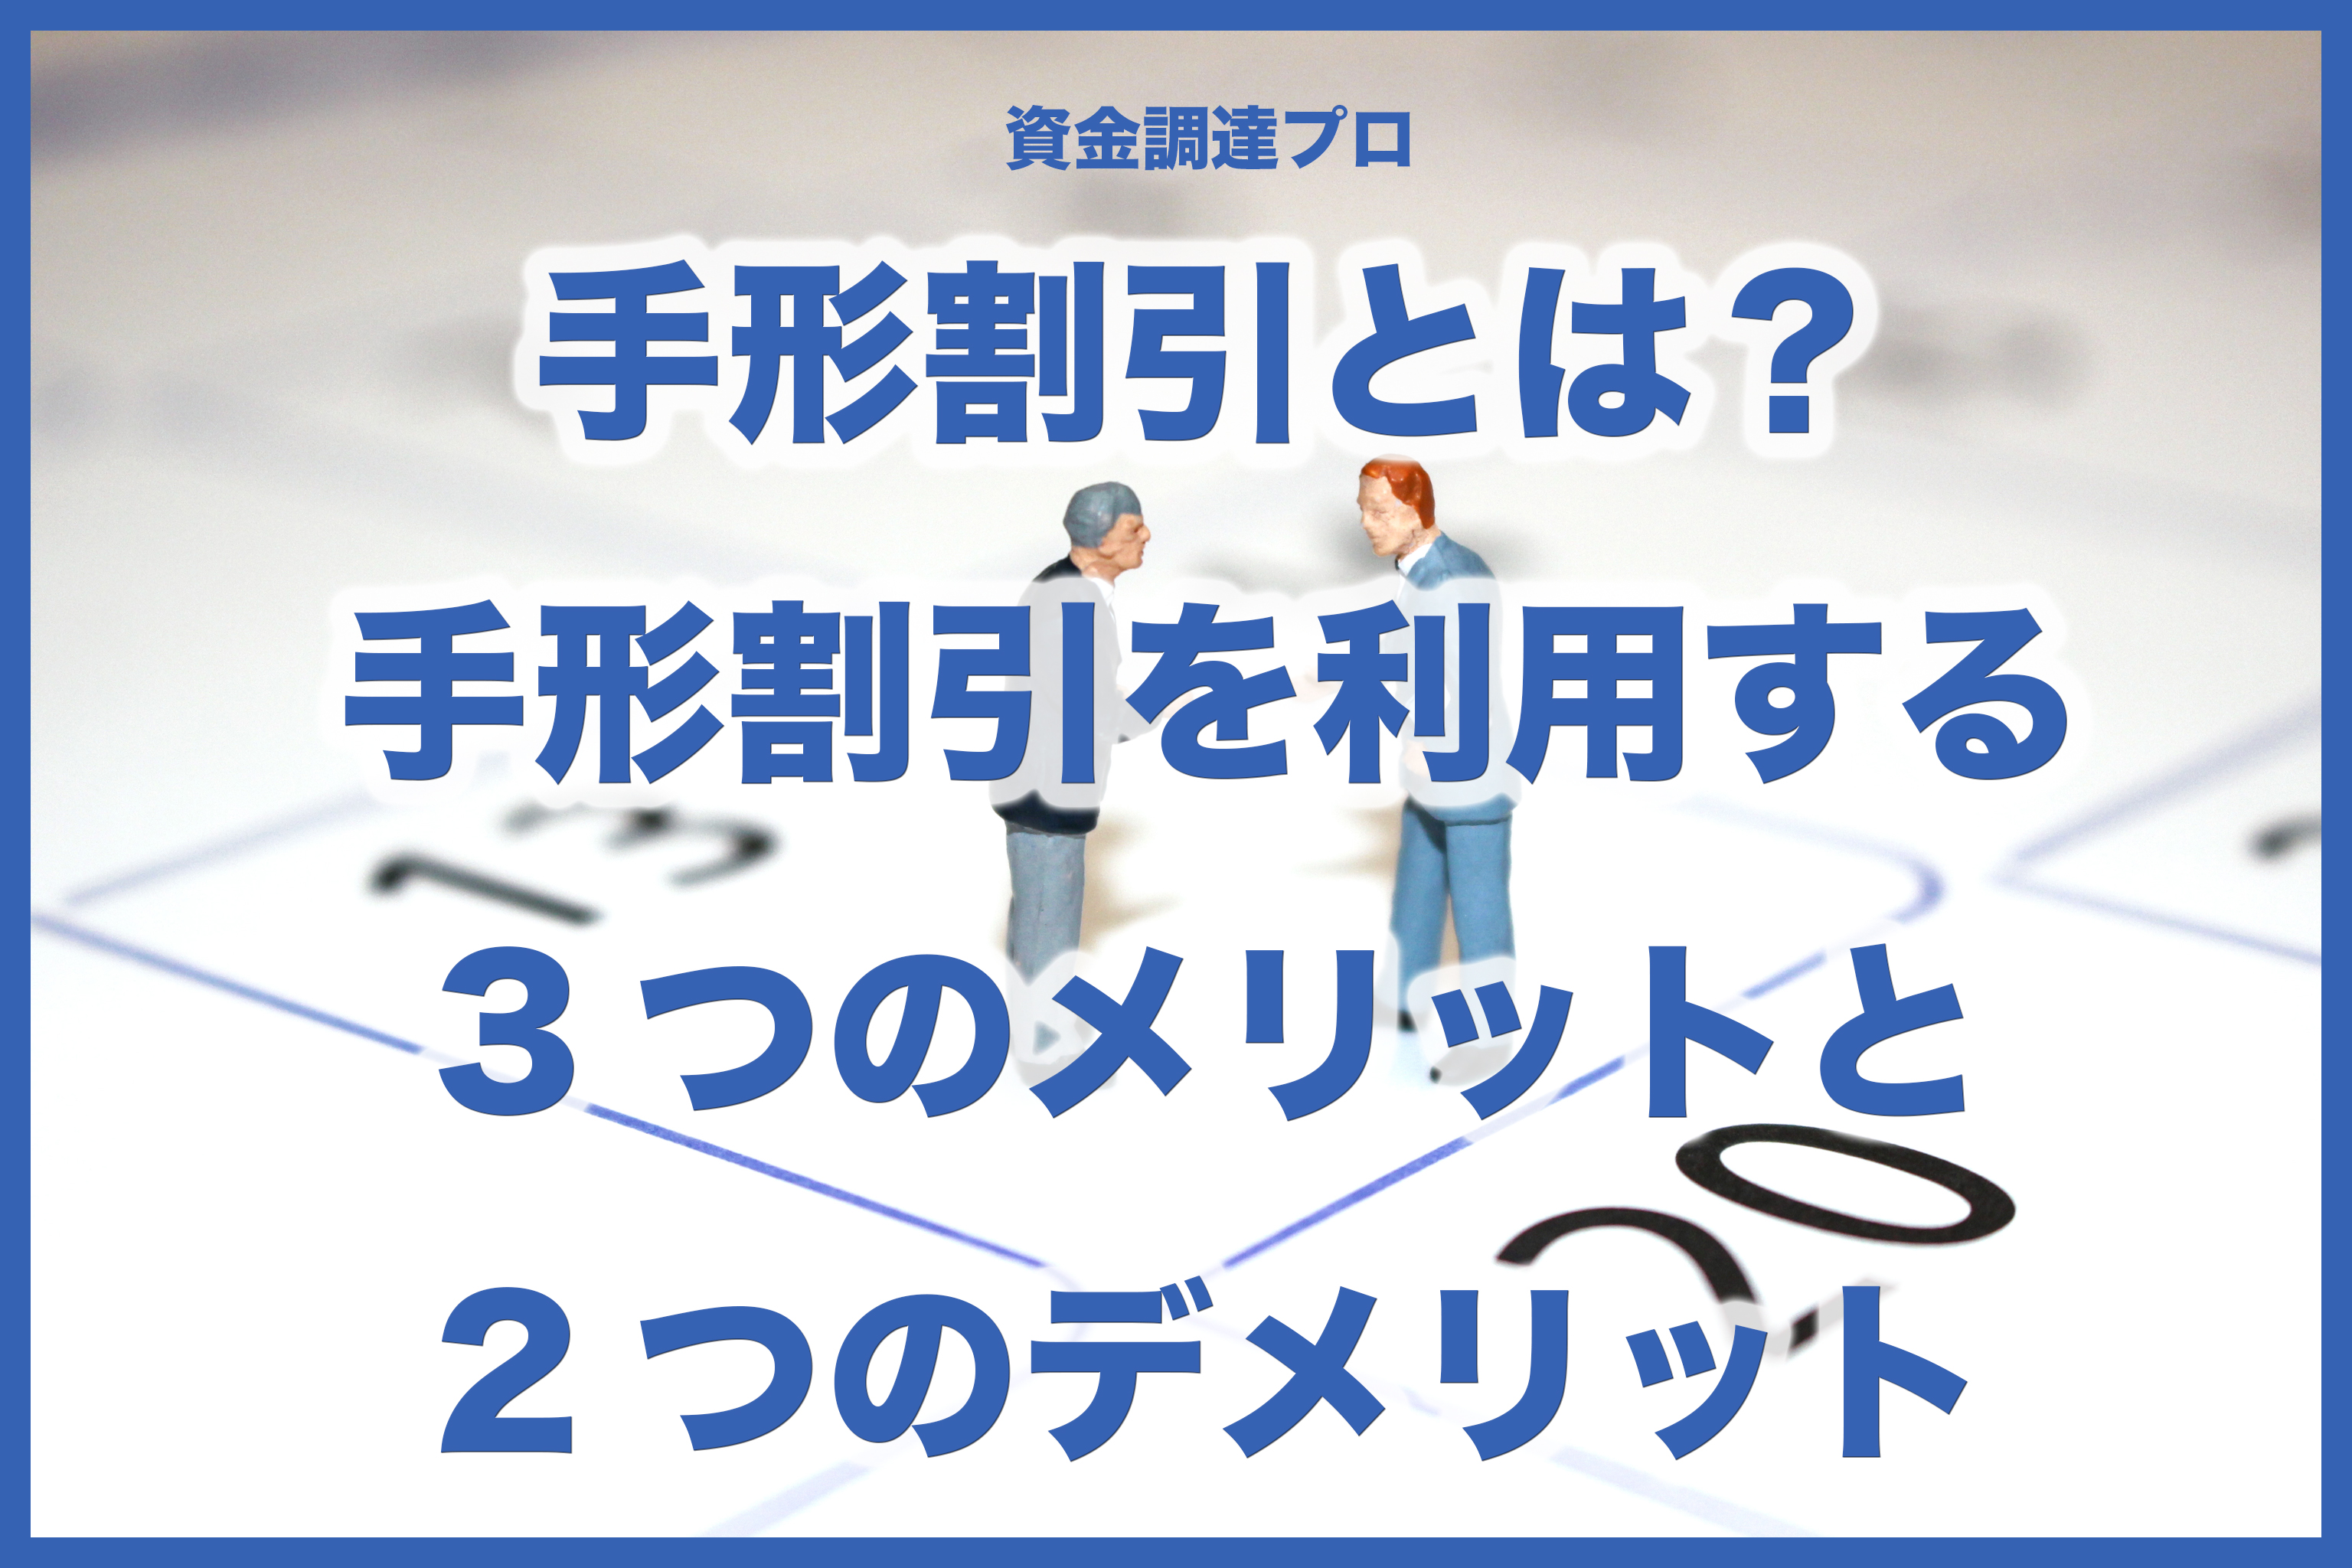 手形割引とは?手形割引を利用する3つのメリットと2つのデメリット